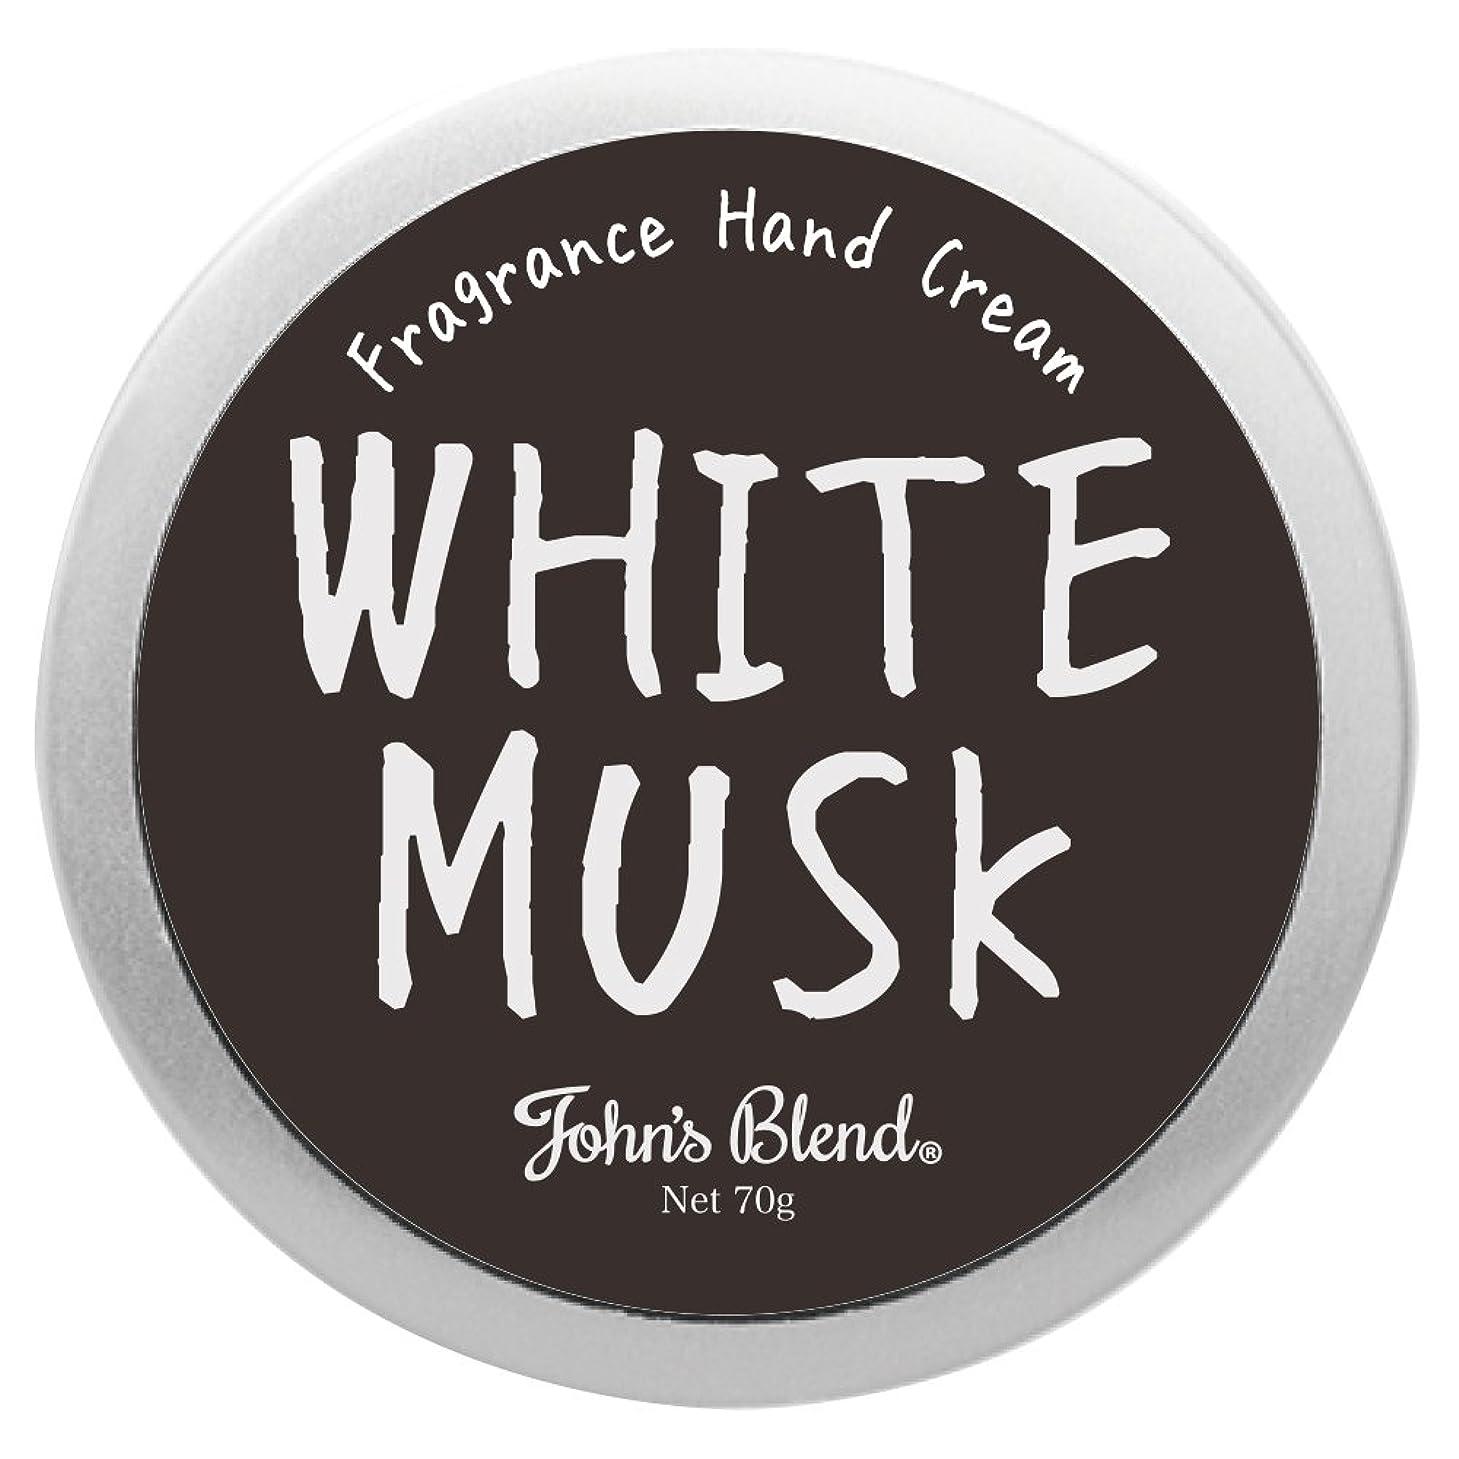 フィードオン上院険しいJohns Blend ハンドクリーム 70g ホワイトムスク の香り OZ-JOD-1-1